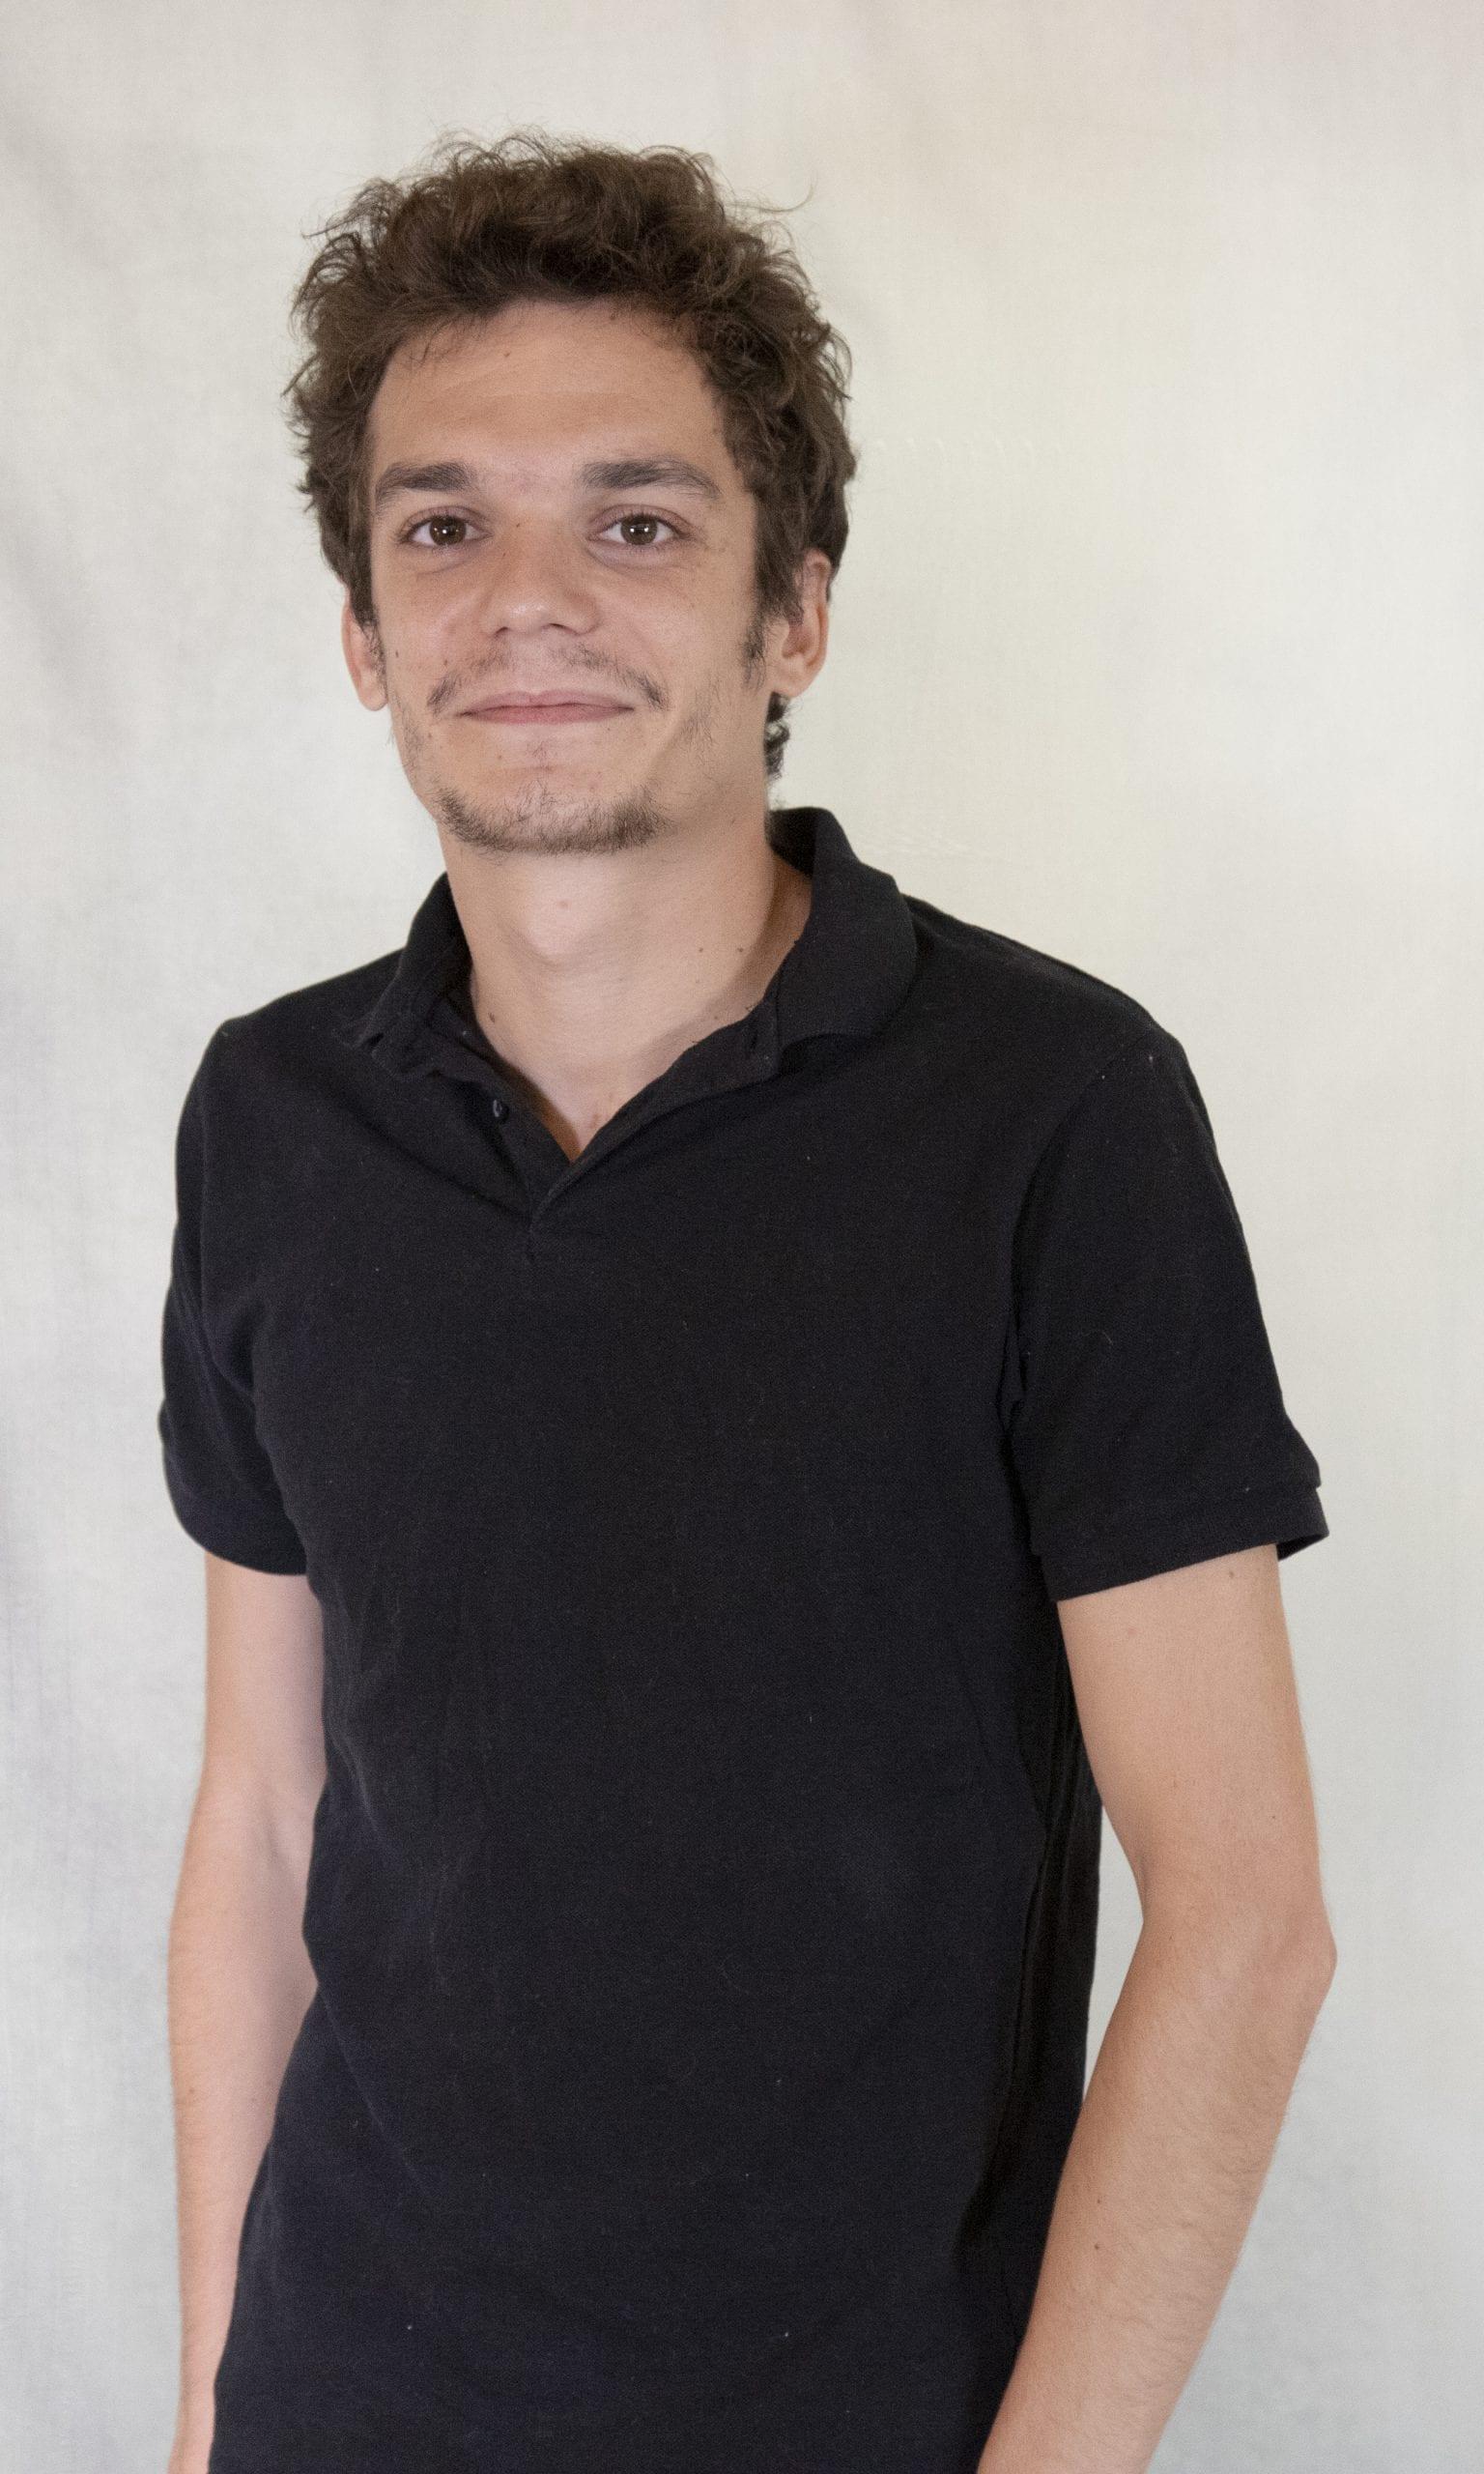 Nicolas Ramos